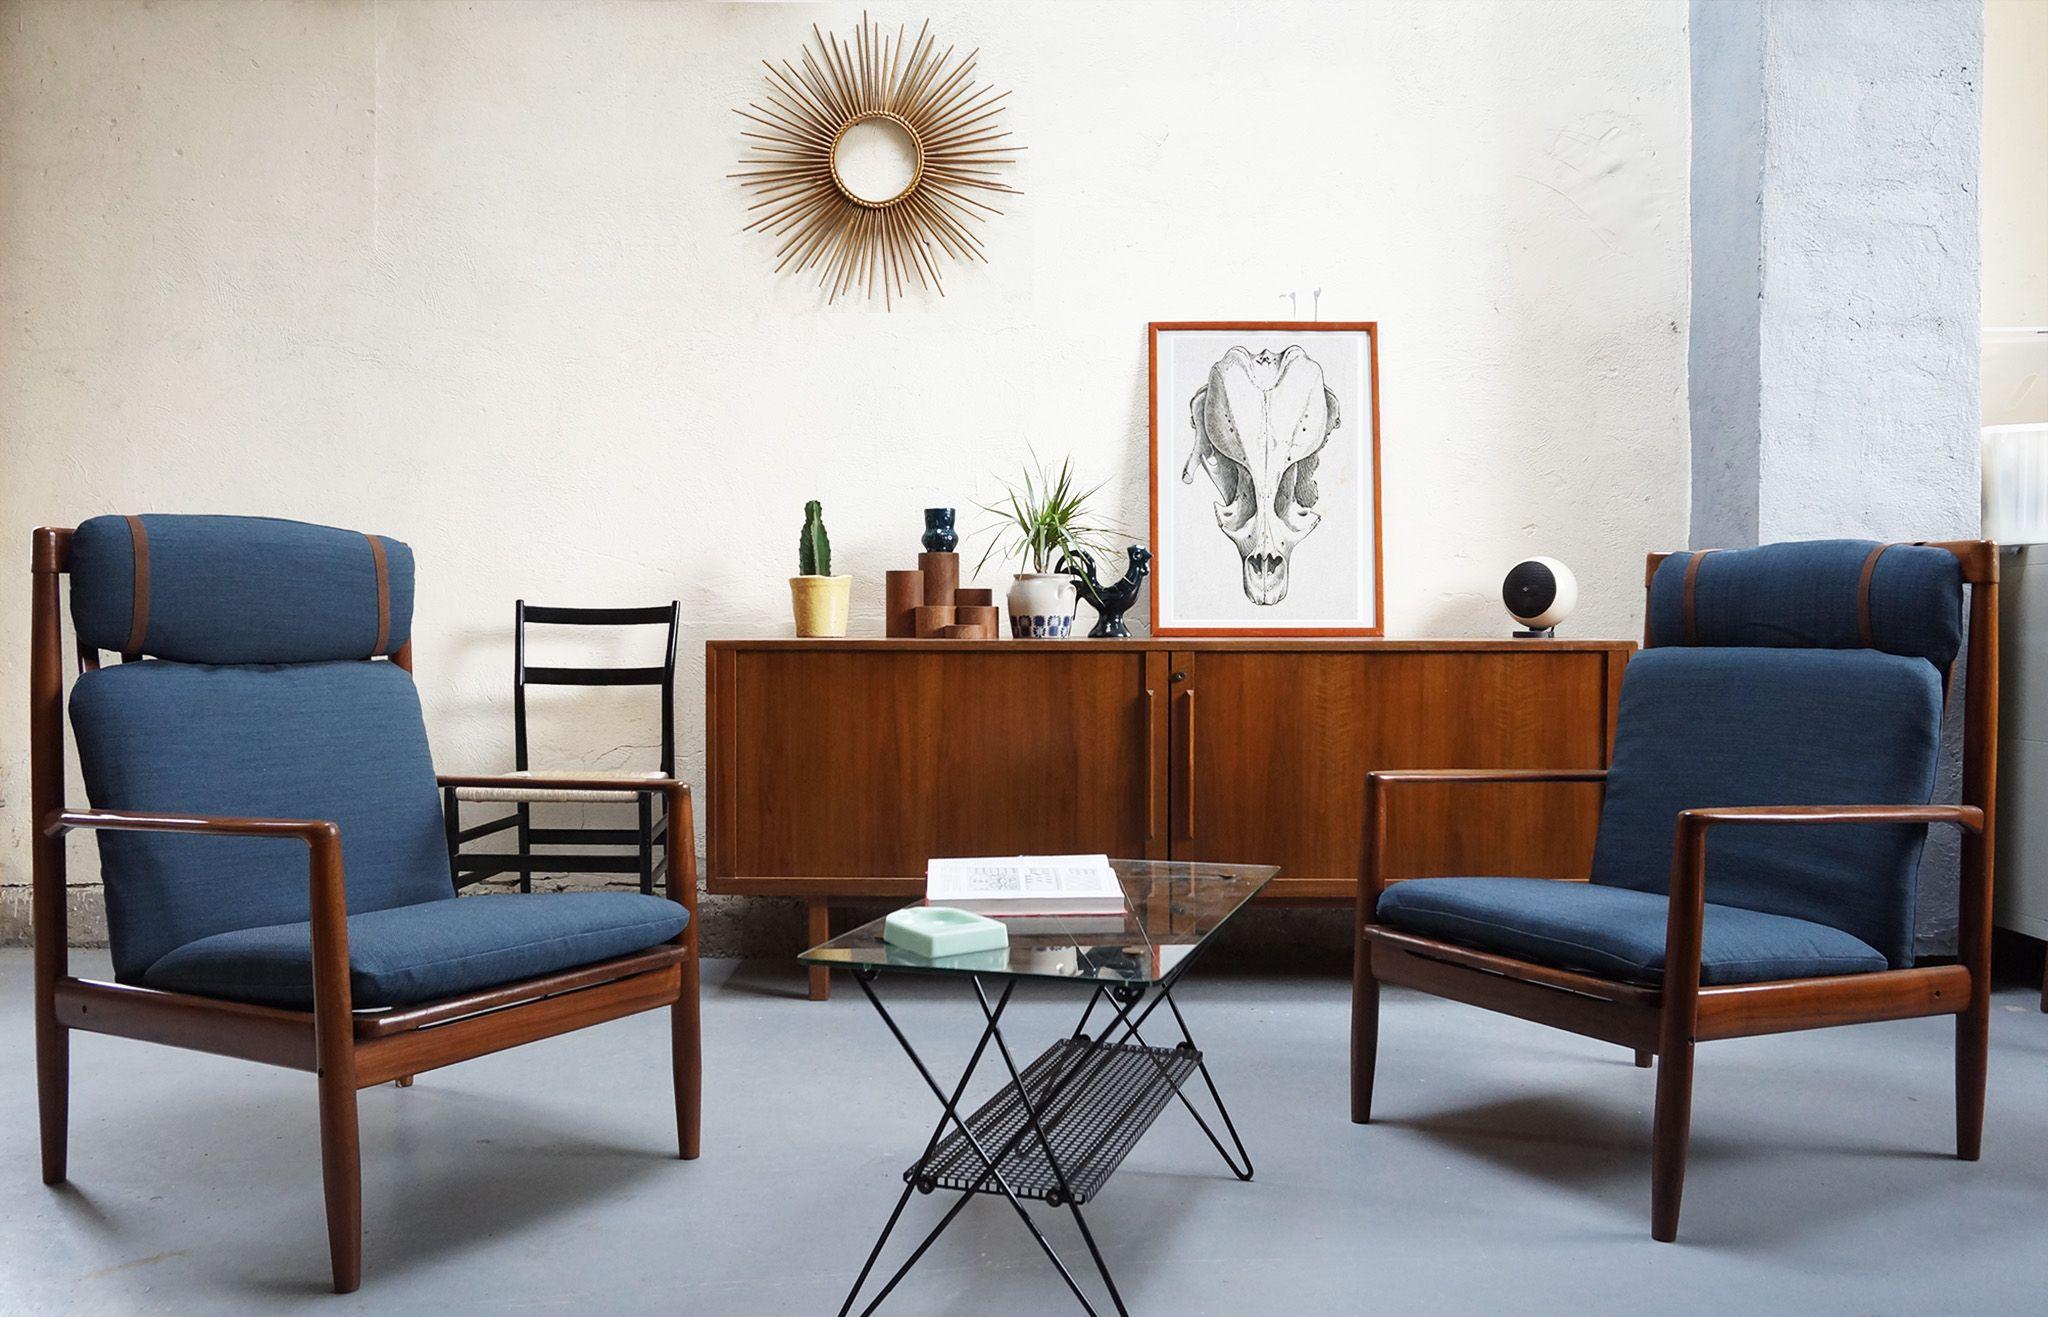 danke galerie danke galerie vintage design furniture. Black Bedroom Furniture Sets. Home Design Ideas